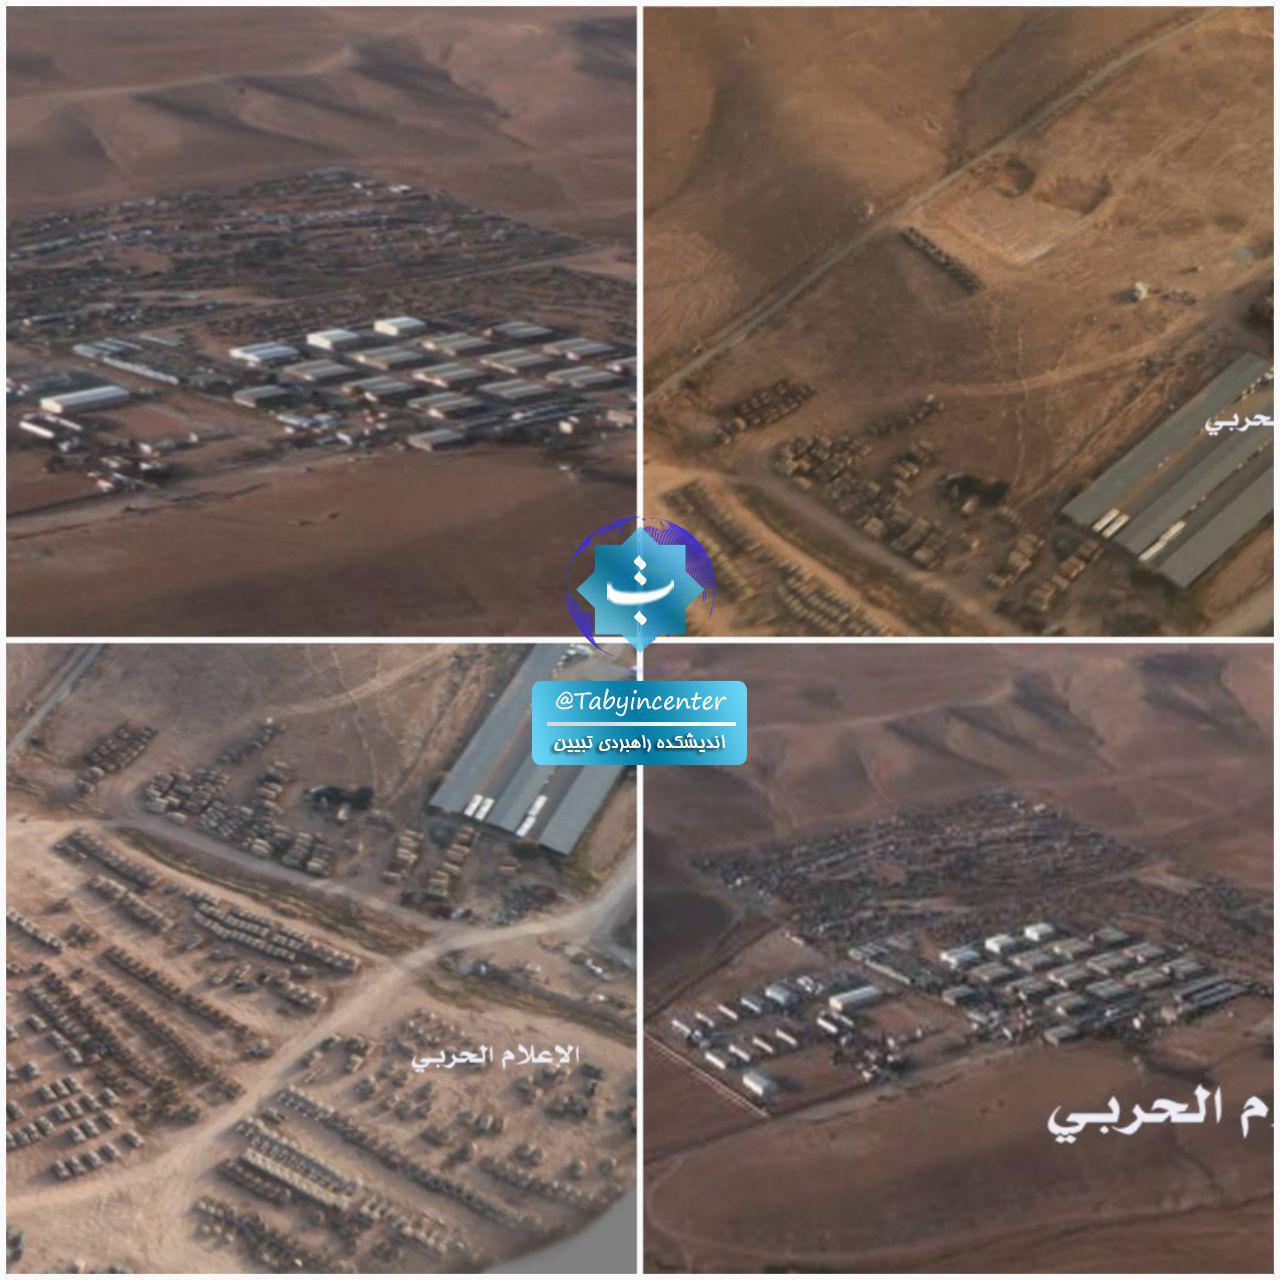 203 استقرار خودروهای زرهی آمریکا در مرز اردن با سوریه